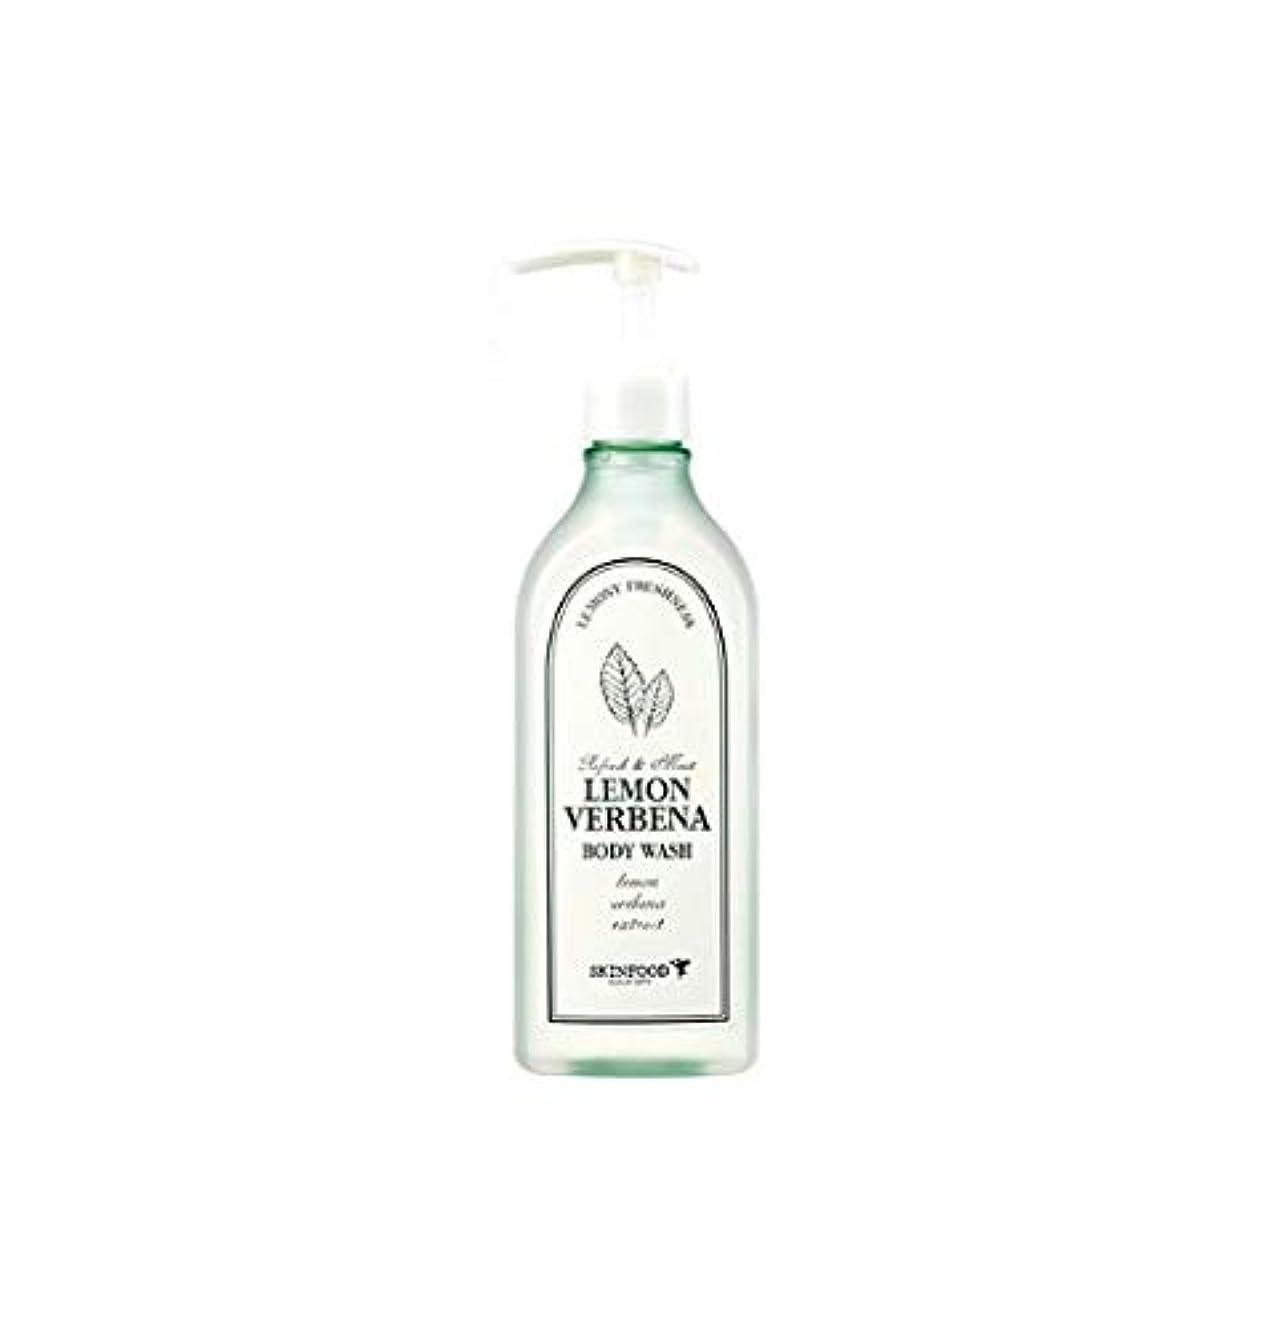 実業家幻影電気的Skinfood レモンバーベナボディウォッシュ/Lemon Verbena Body Wash 335ml [並行輸入品]